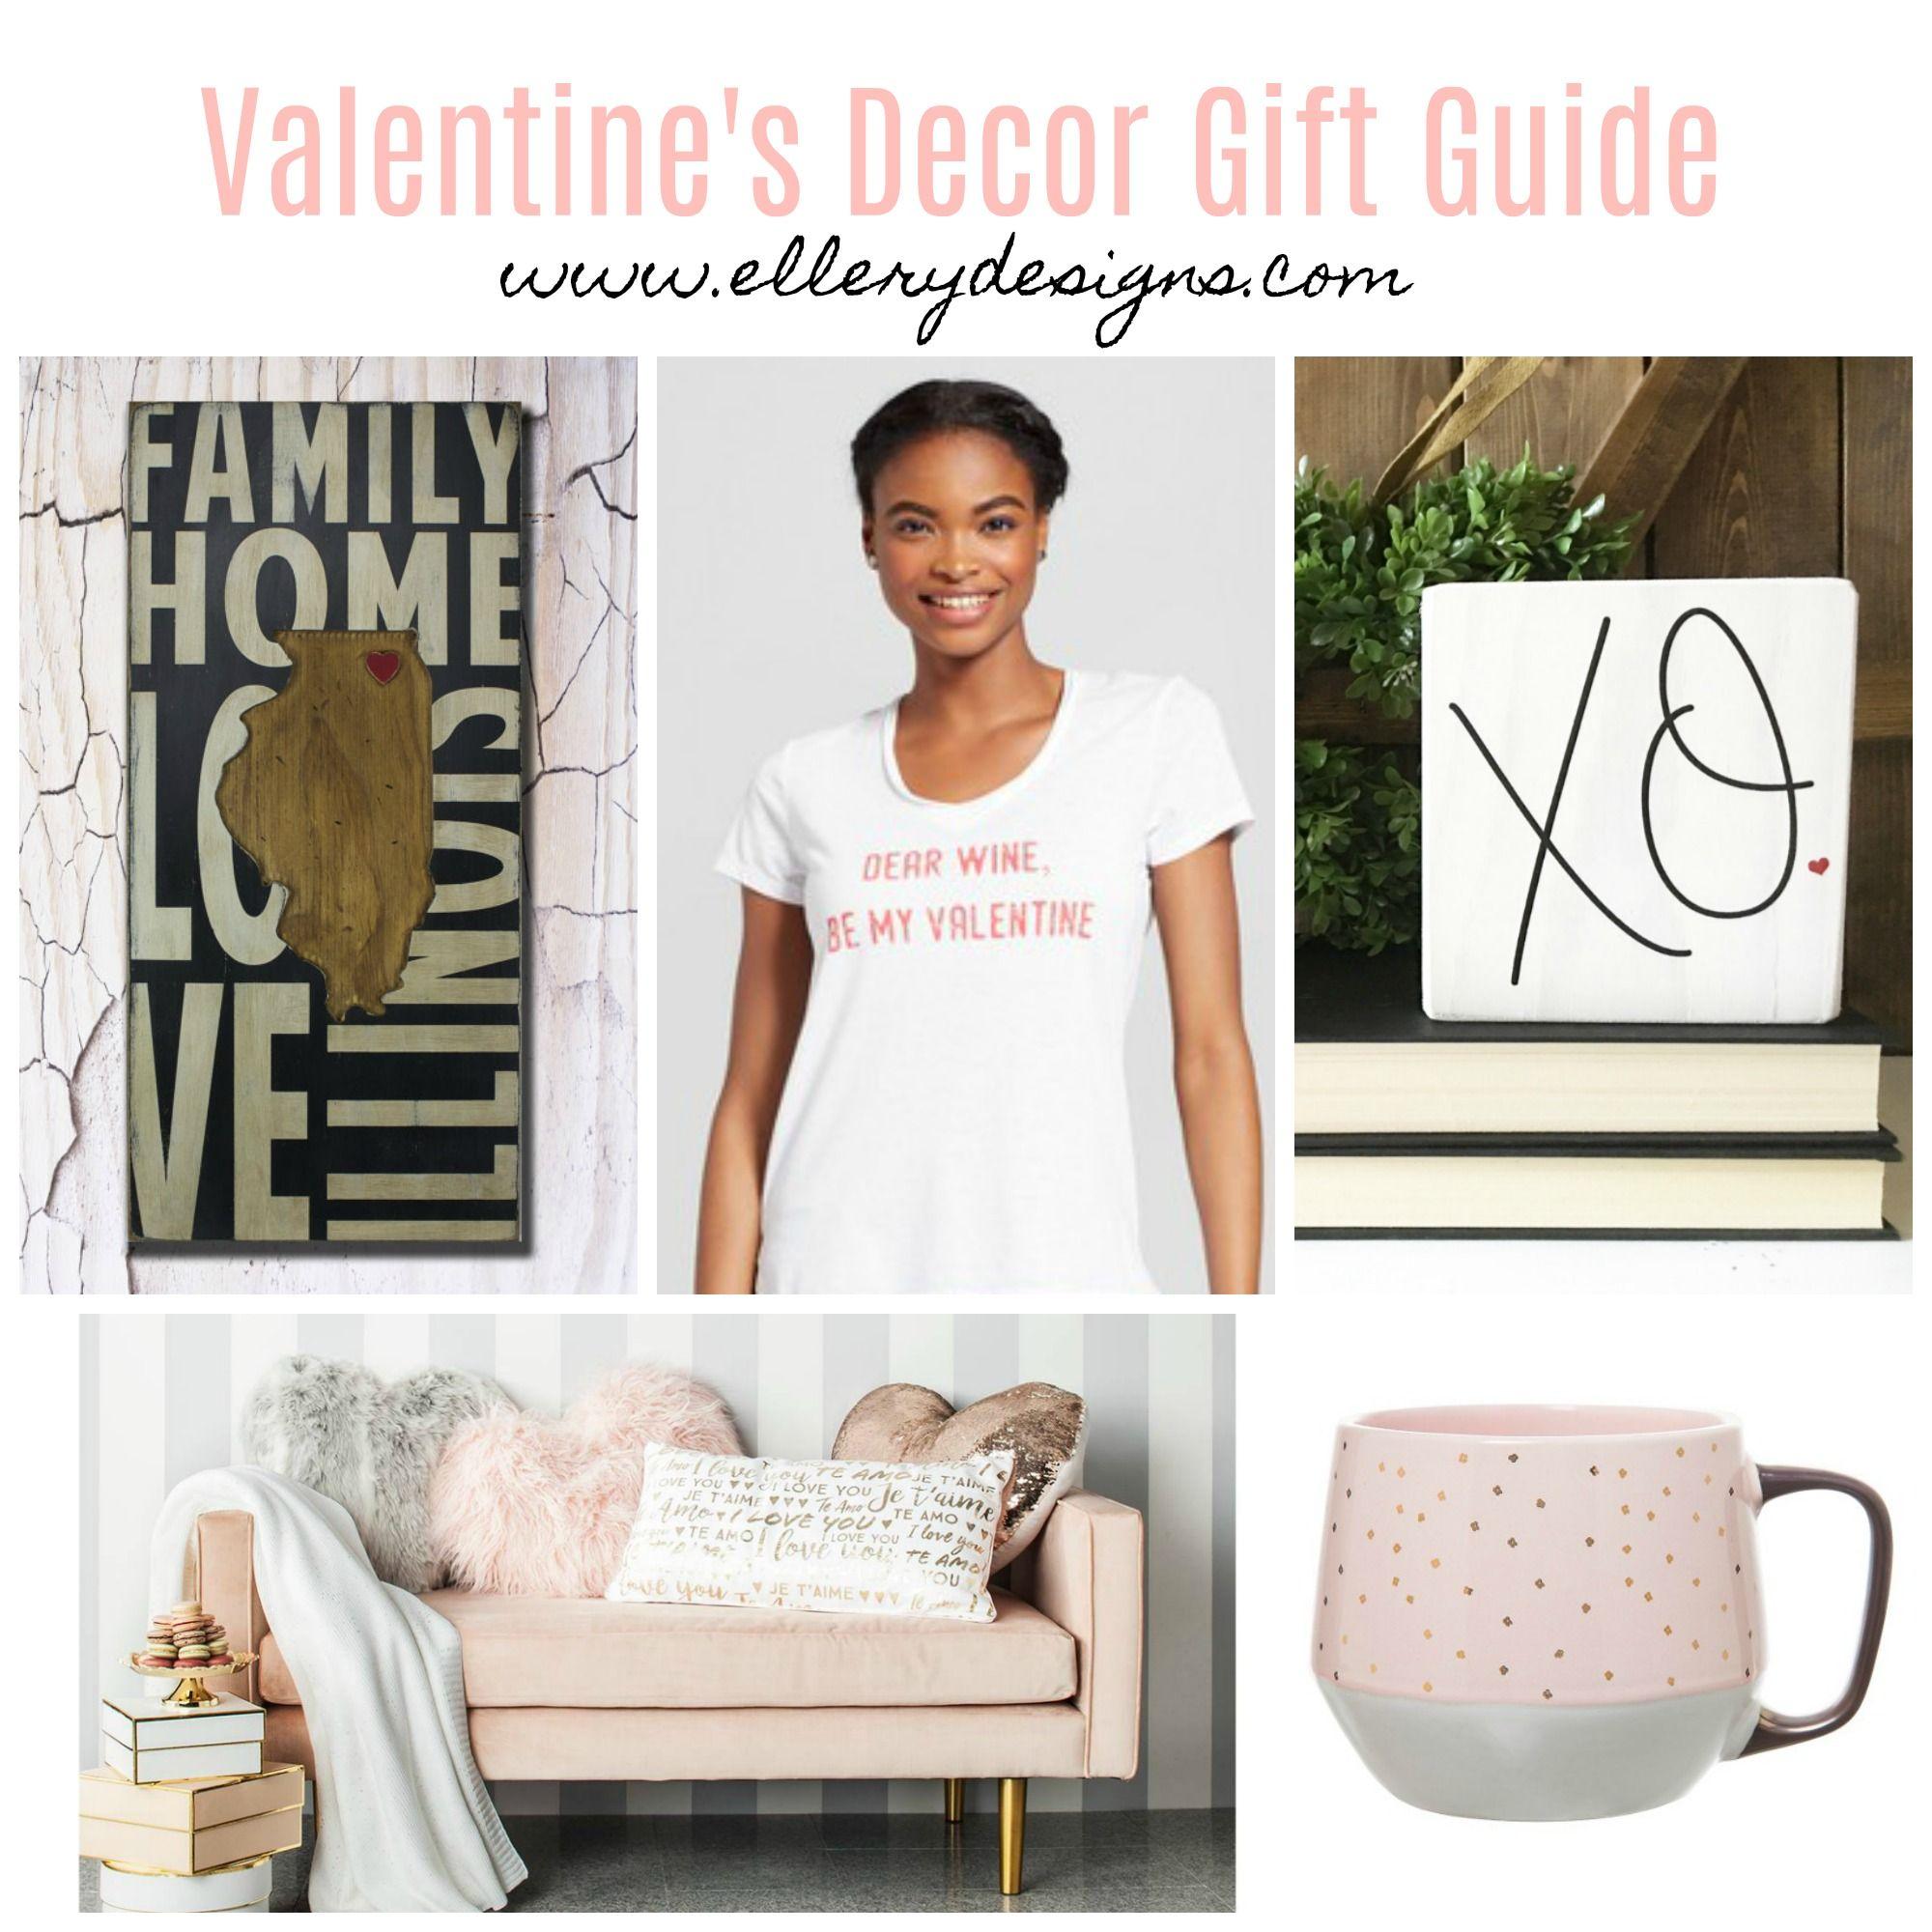 Valentine's Decor Gift Guide – Ellery Designs #giftidea #valentinesday #valentinesdecor #vday